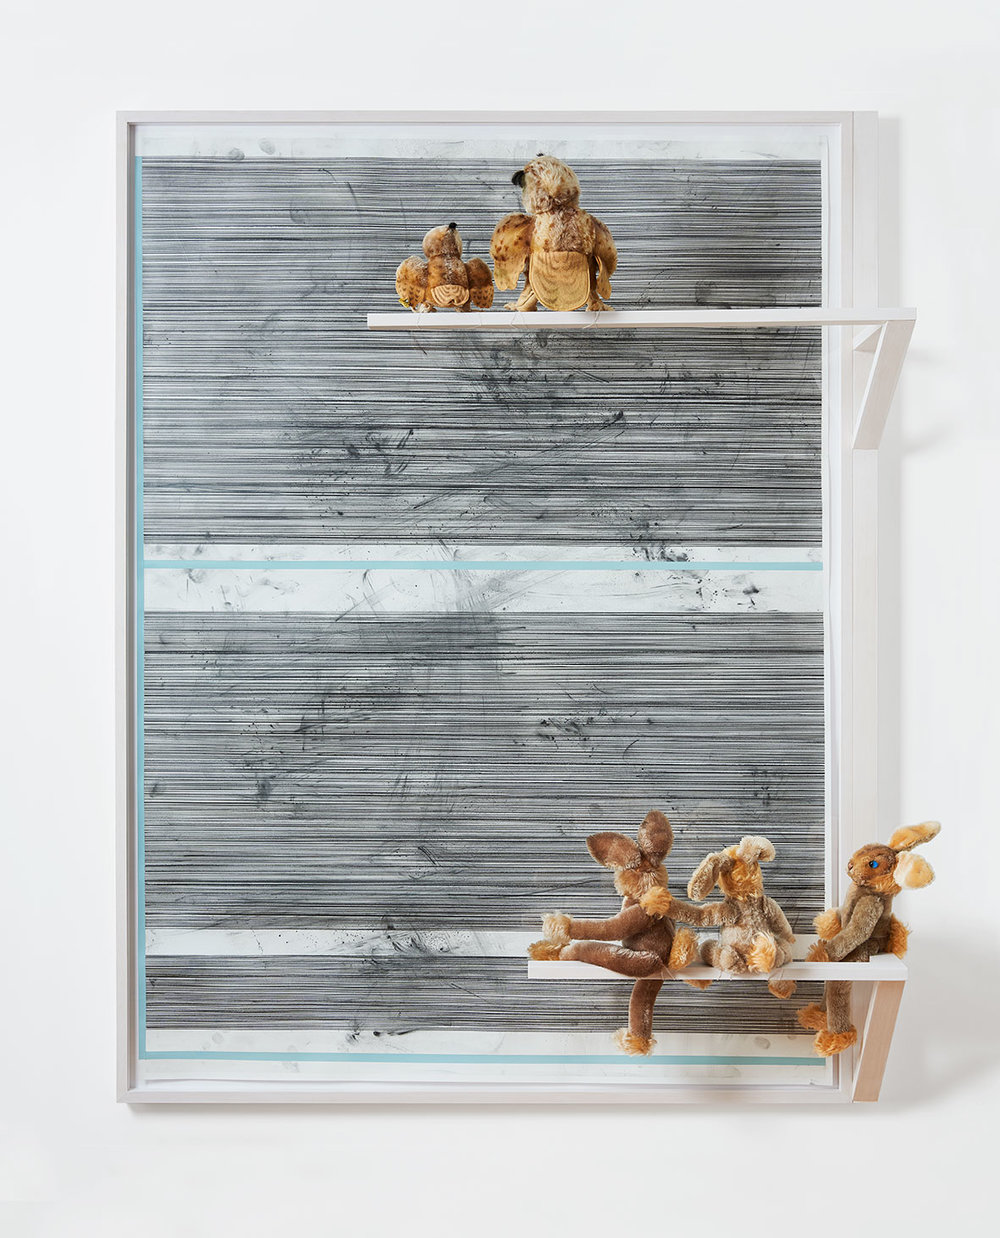 Philip Emde Ohne Titel (Wittie + Lulac watching swipes'n stripes) 2016  Graphit und Acryl auf Papier gerahmt mit Steiftieren 156,5 x 120 x 32 cm